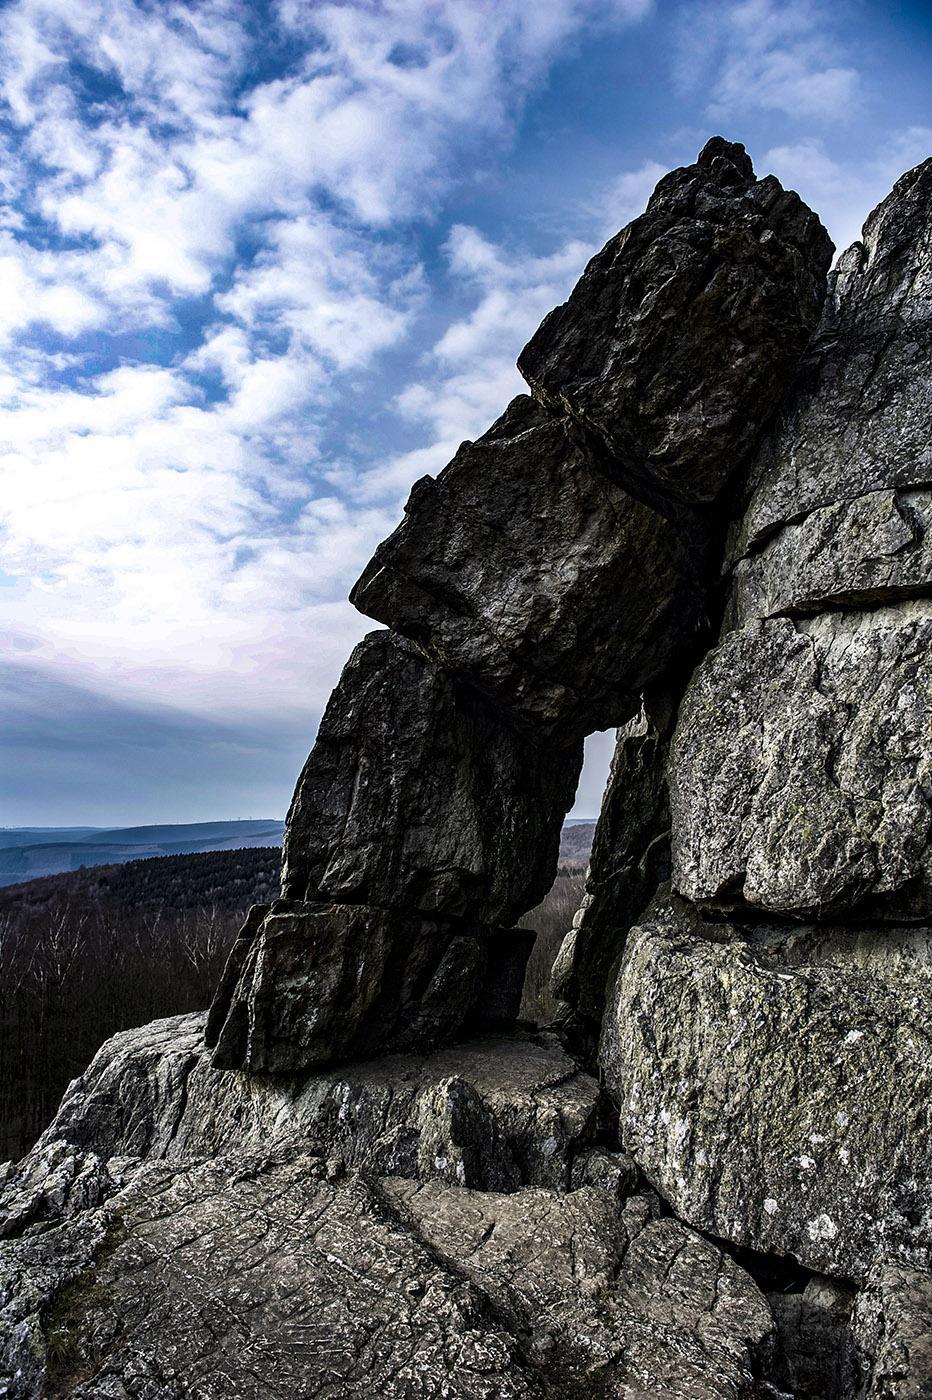 Maas: Bei Montherme haben sich Granitblöcke zu einem grandiose Felschaos aufgestapelt. Foto: Hilke Maunder